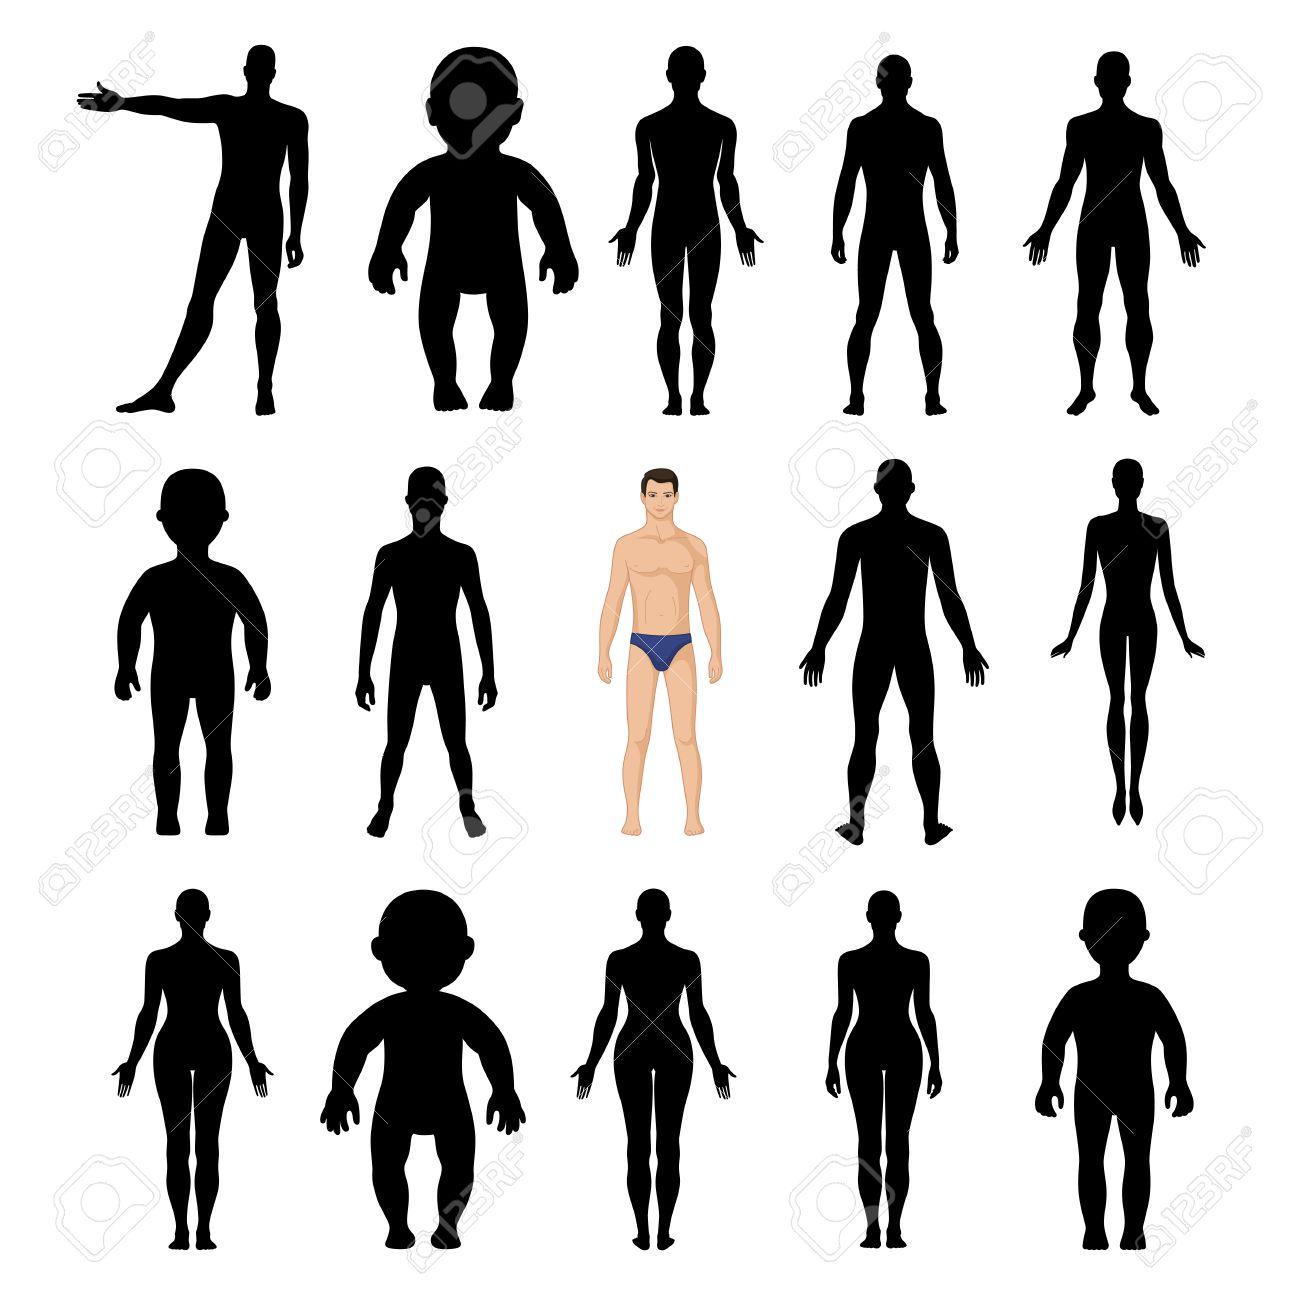 人物シルエット テンプレート図 (前面と背面)、ベクトル イラスト白背景